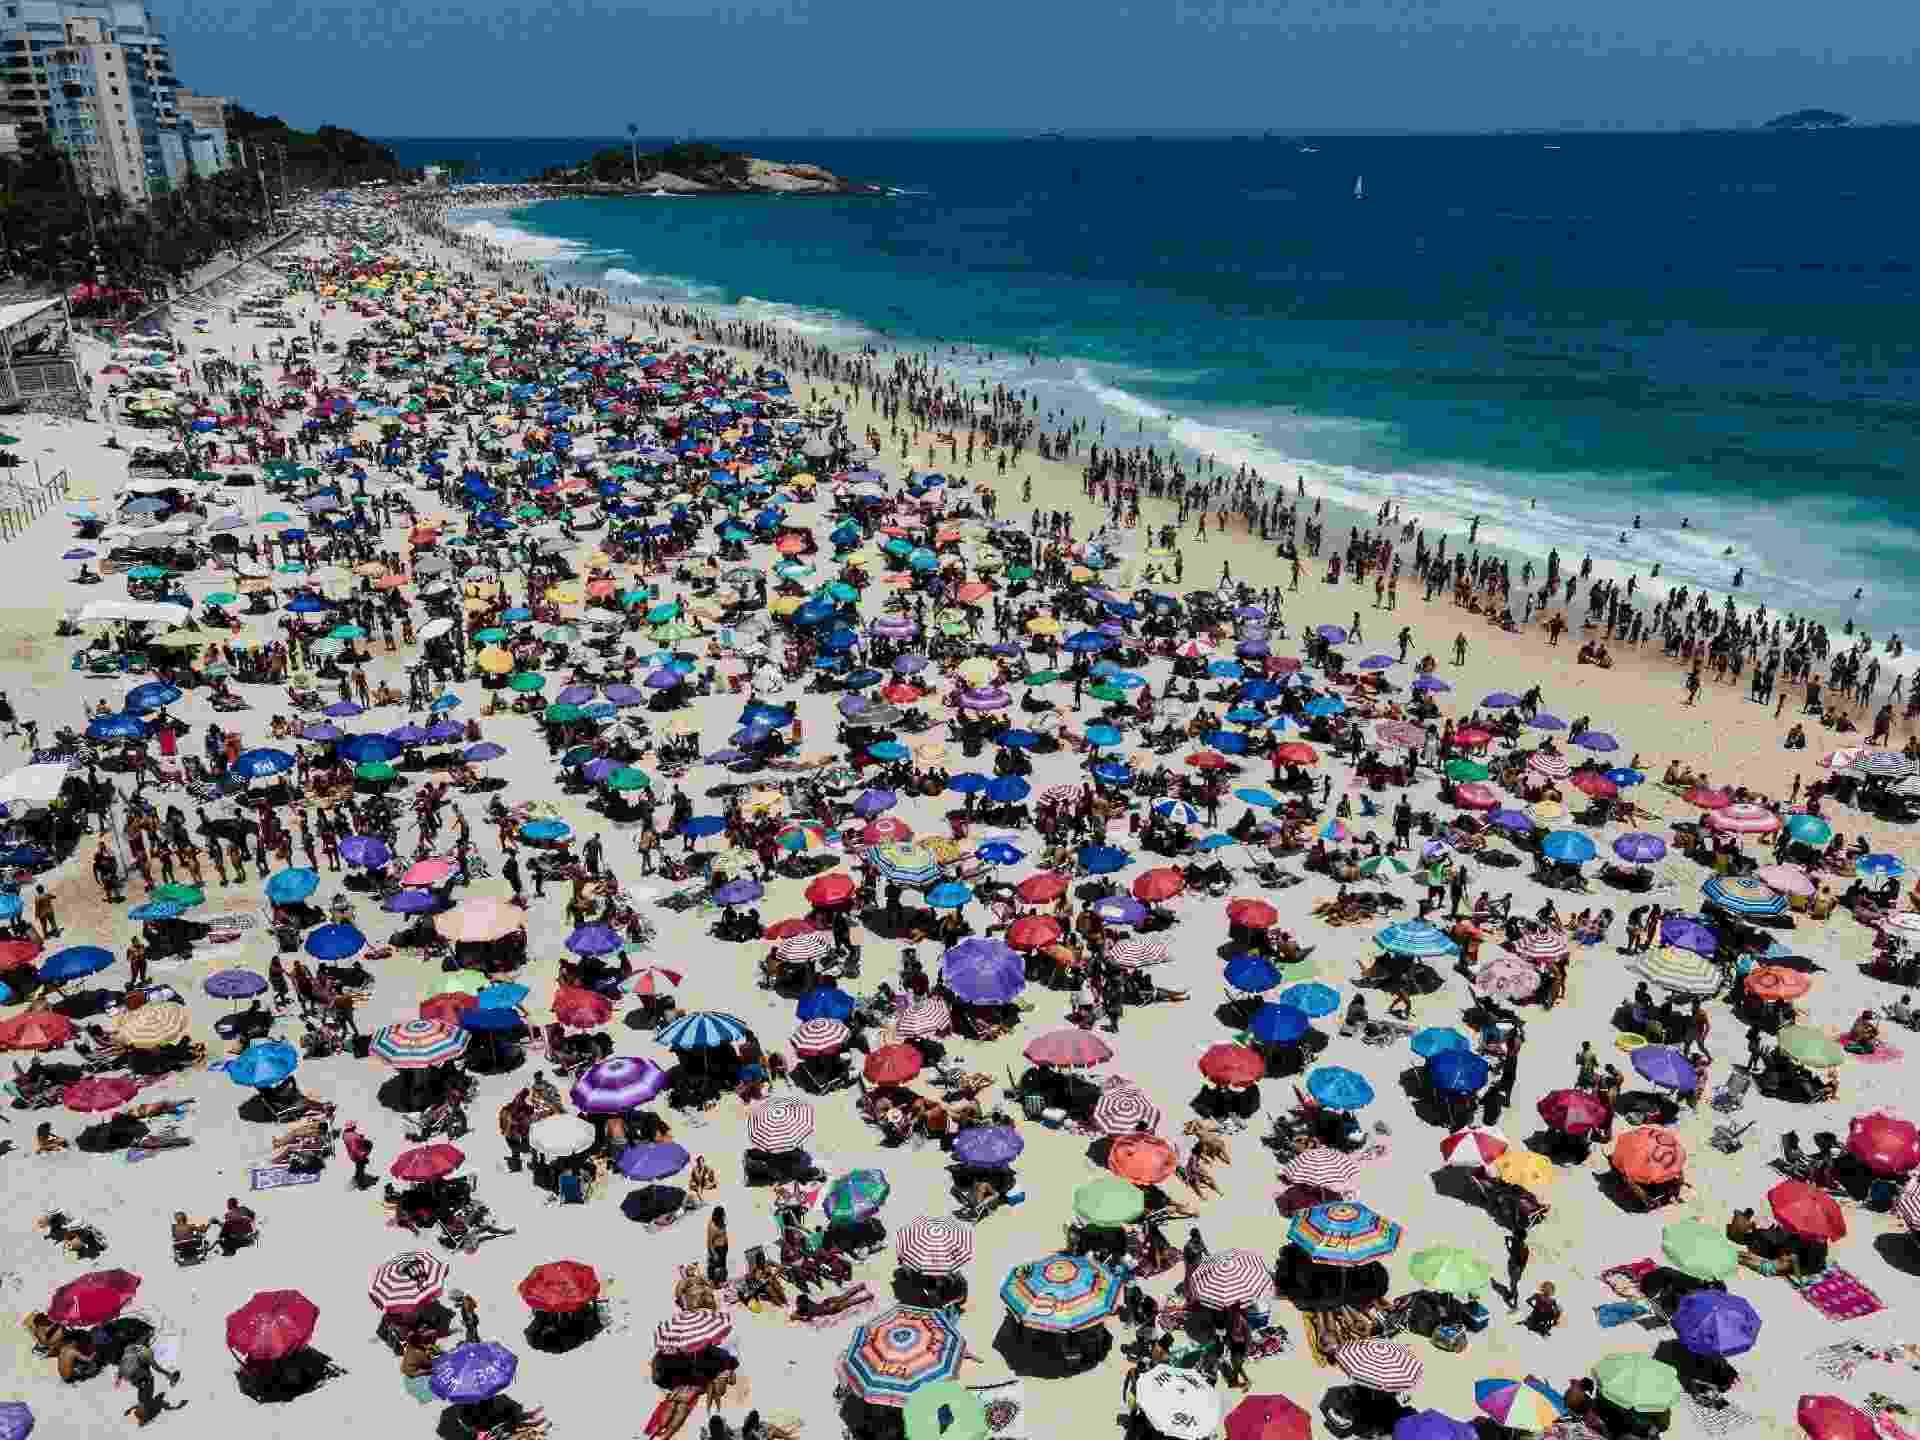 20 jan. 2021 - A Praia de Ipanema, no Rio de Janeiro, ficou lotada nesta quarta-feira. - THIAGO RIBEIRO/ESTADÃO CONTEÚDO